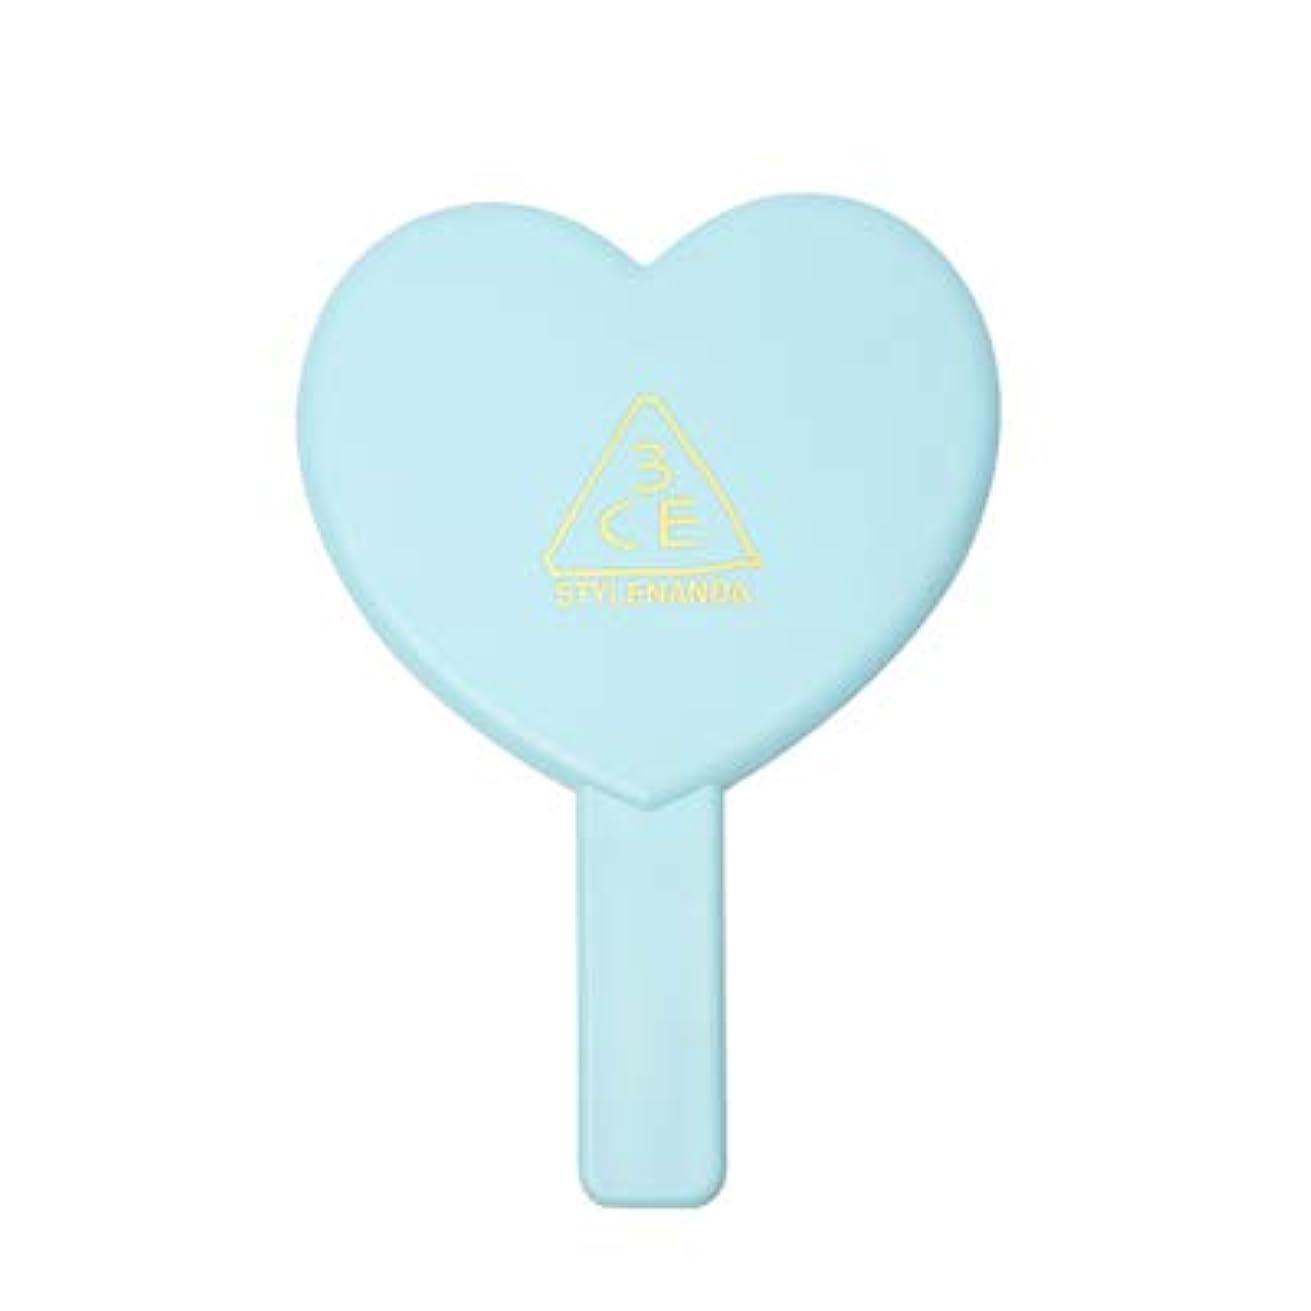 専門知識書き込み閉塞3CE LOVE 3CE HEART HAND MIRROR (BLUE) / ラブ3CEハート?ハンド?ミラー (ブルー) [並行輸入品]